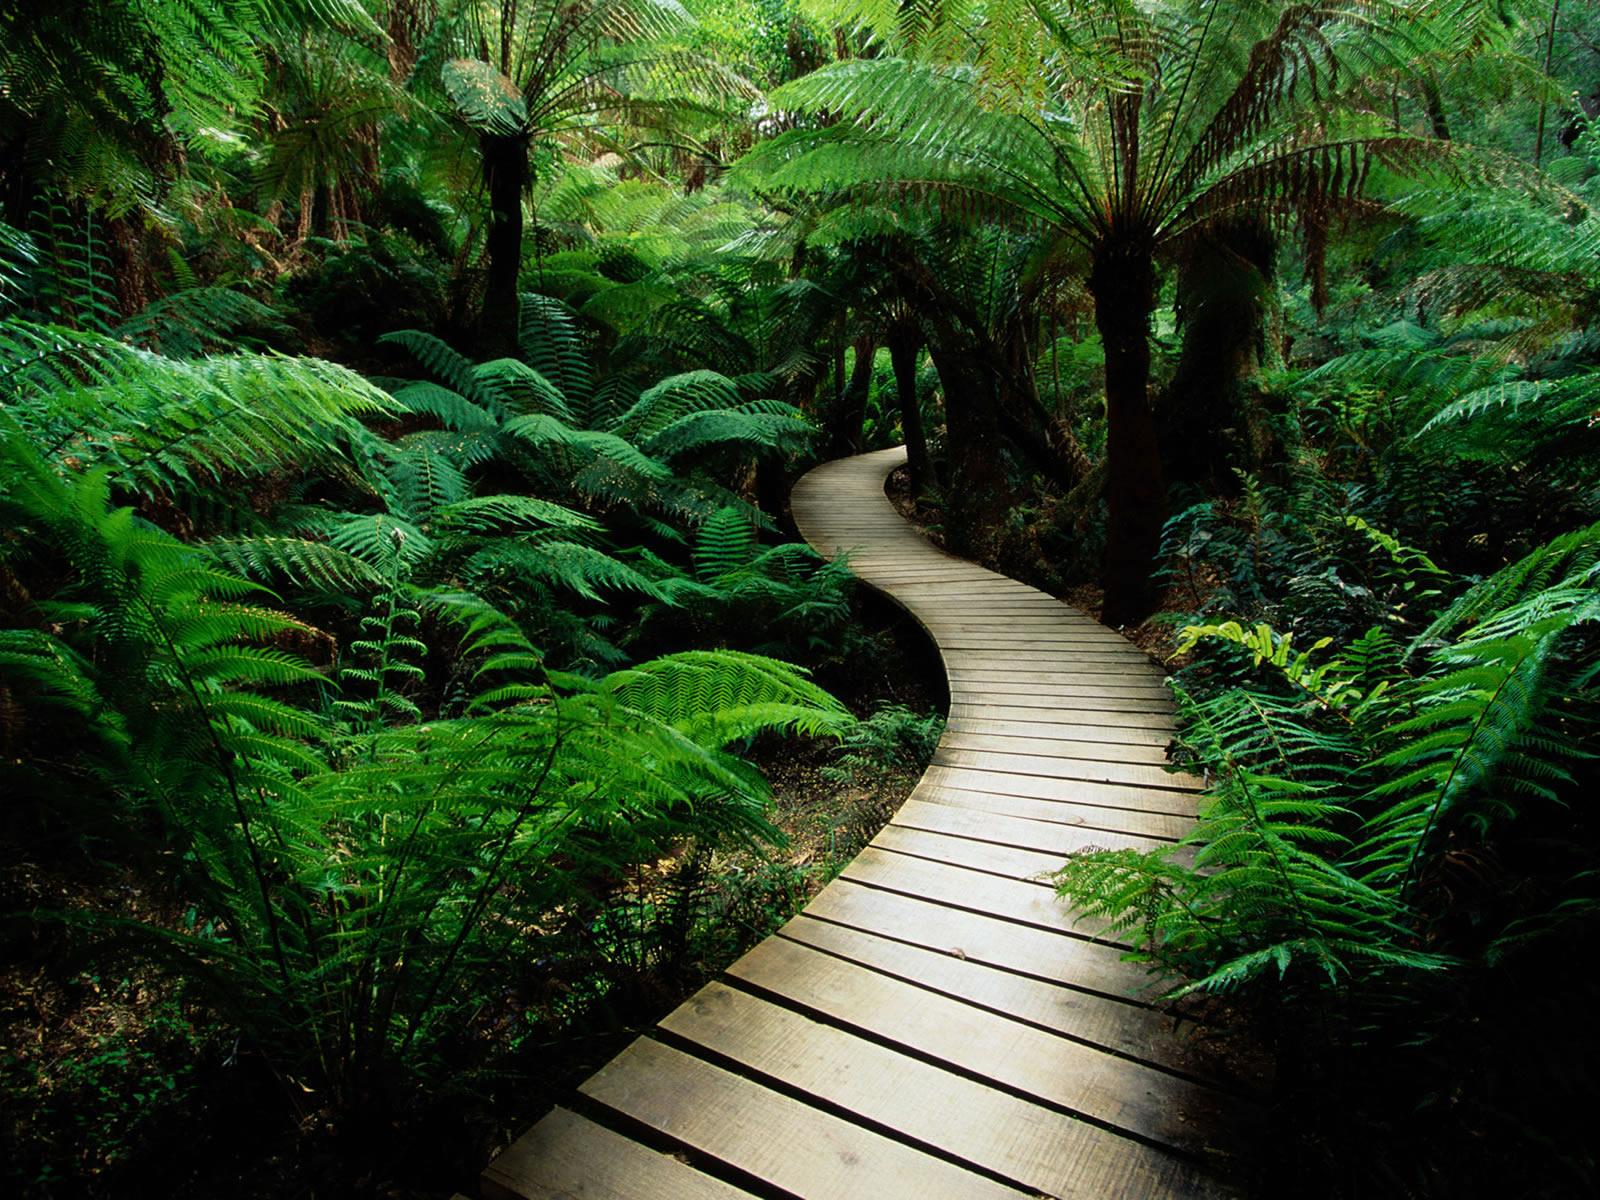 http://1.bp.blogspot.com/_JClEFgsqLig/TMBCQyYTZII/AAAAAAAAAo0/MStCQP27eLc/s1600/serene-nature-walk-trail.jpg